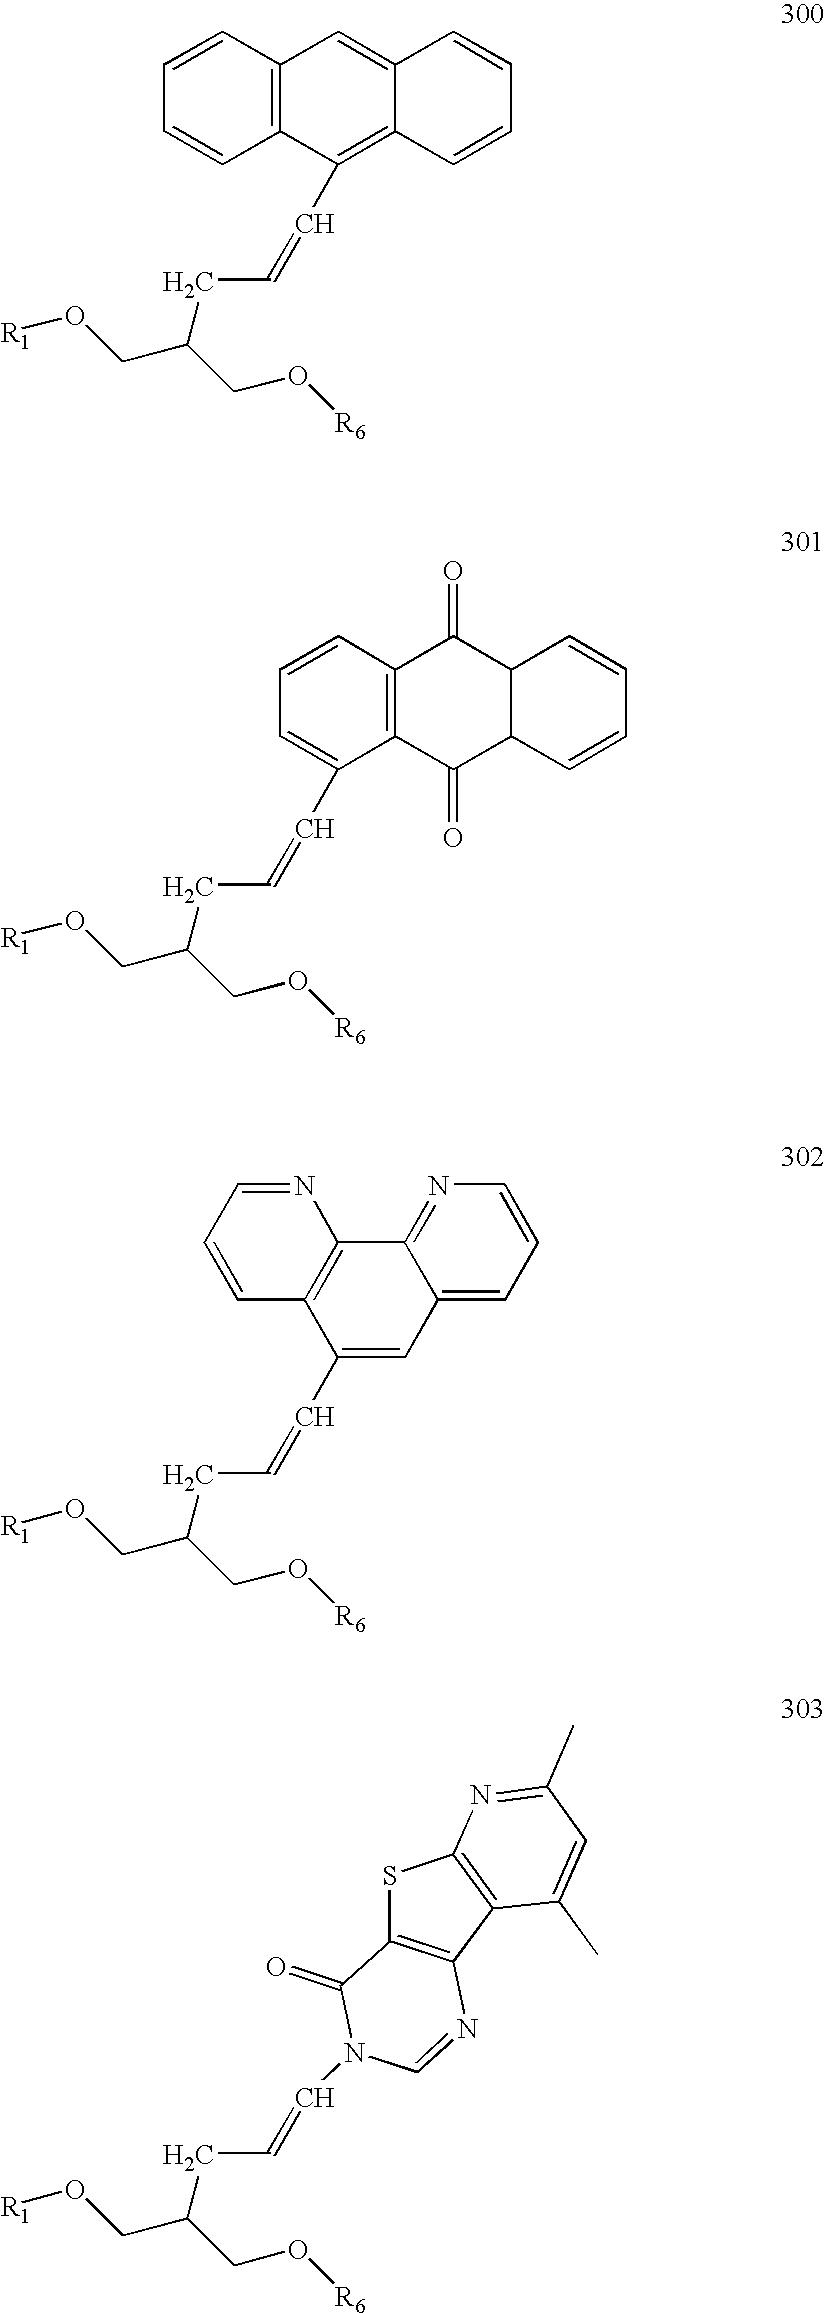 Figure US20060014144A1-20060119-C00154